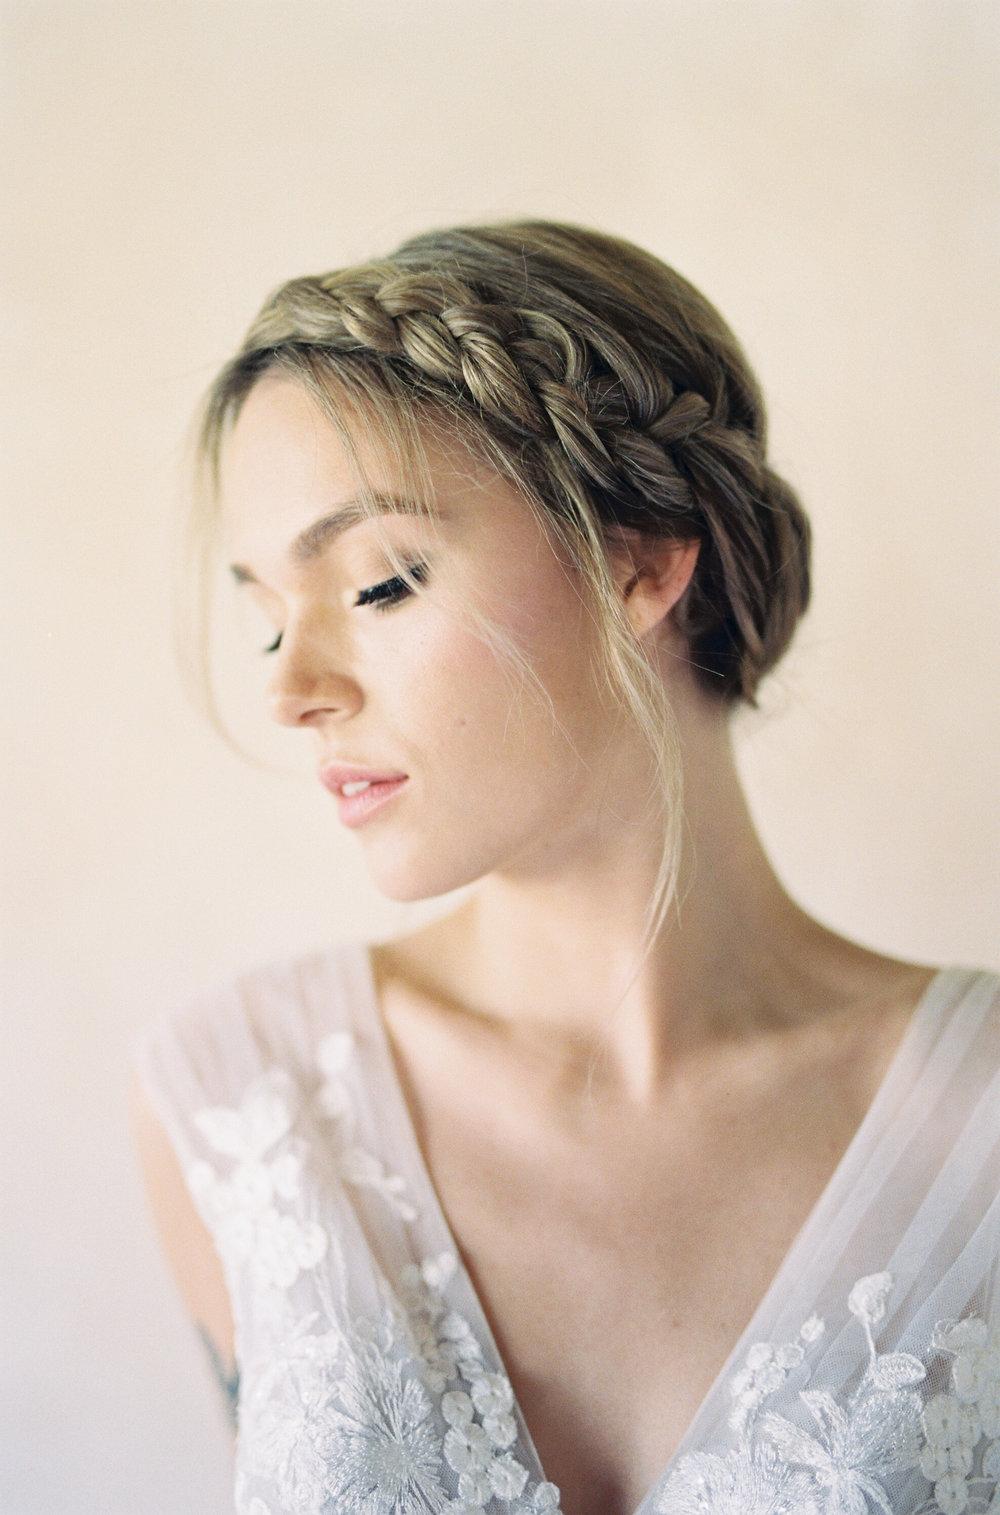 Bridal-Hollywood-26-Jen_Huang-032493-R1-017.jpg